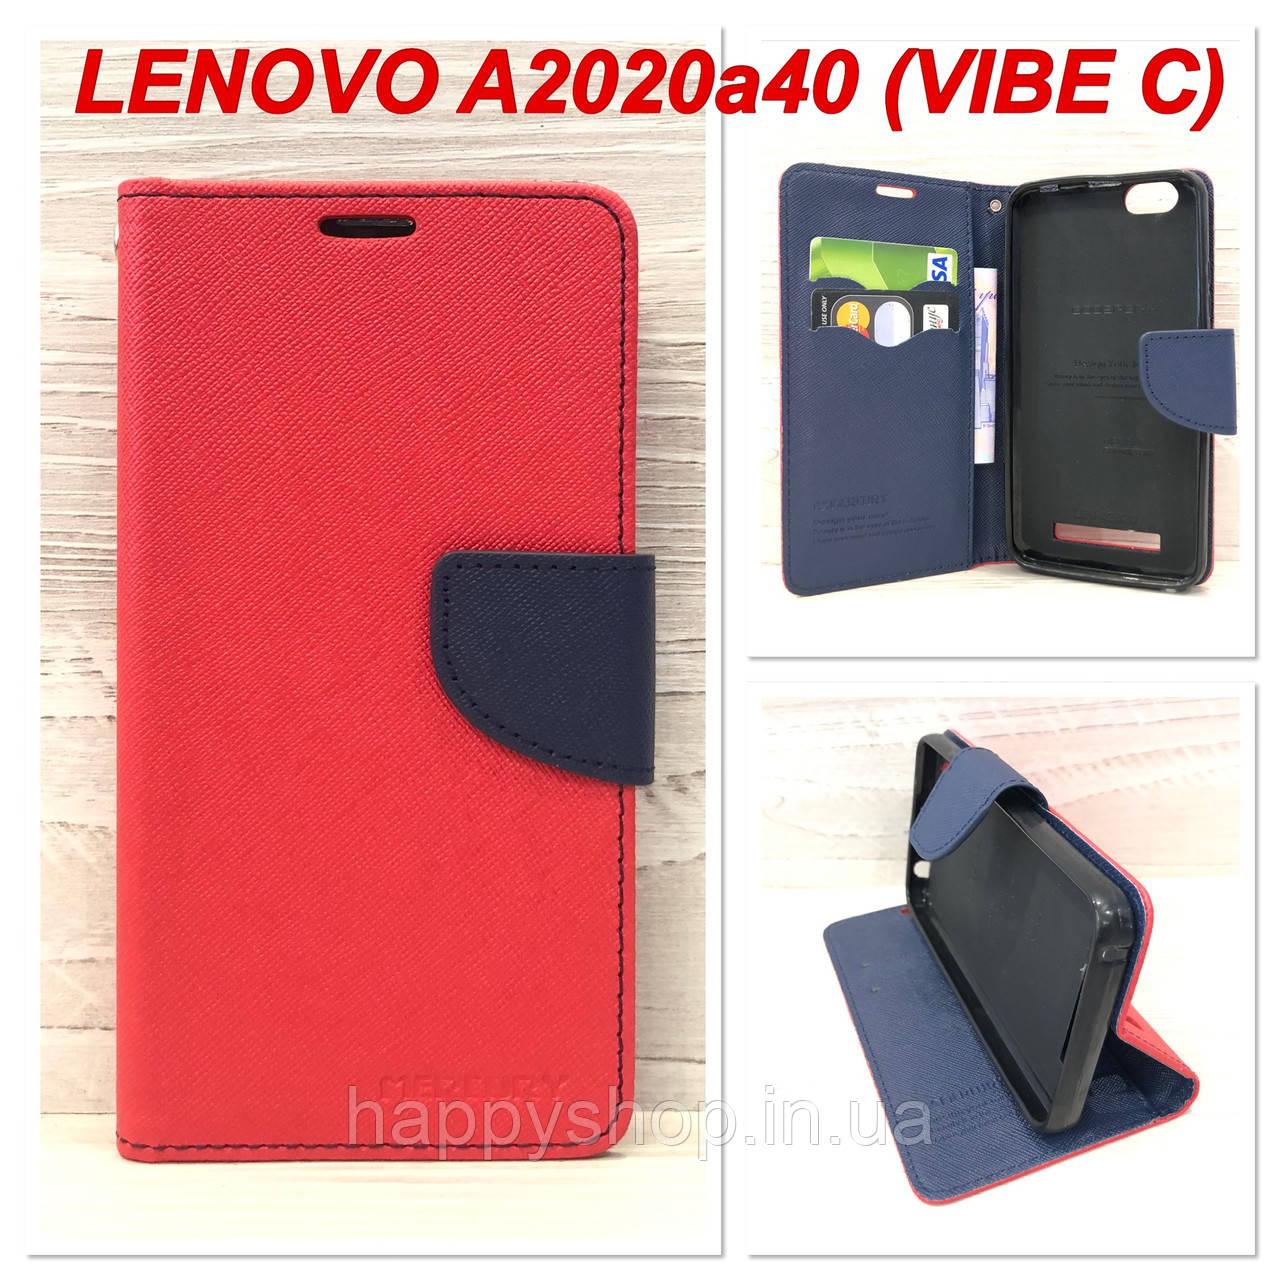 Чехол-книжка Goospery для Lenovo A2020a40 (Vibe C) Красный